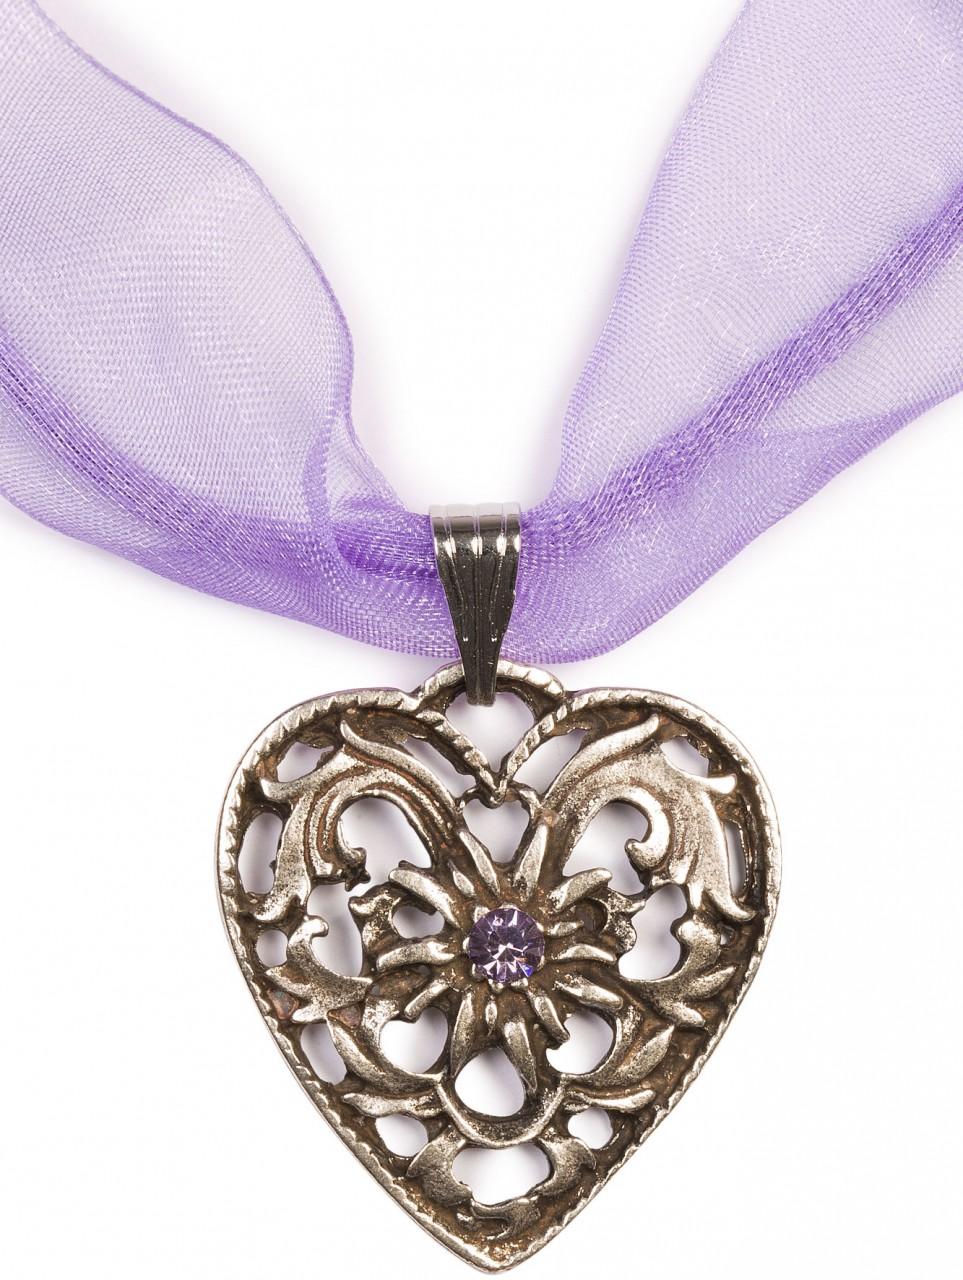 Chiffonband Herzkette mit Stein, lila